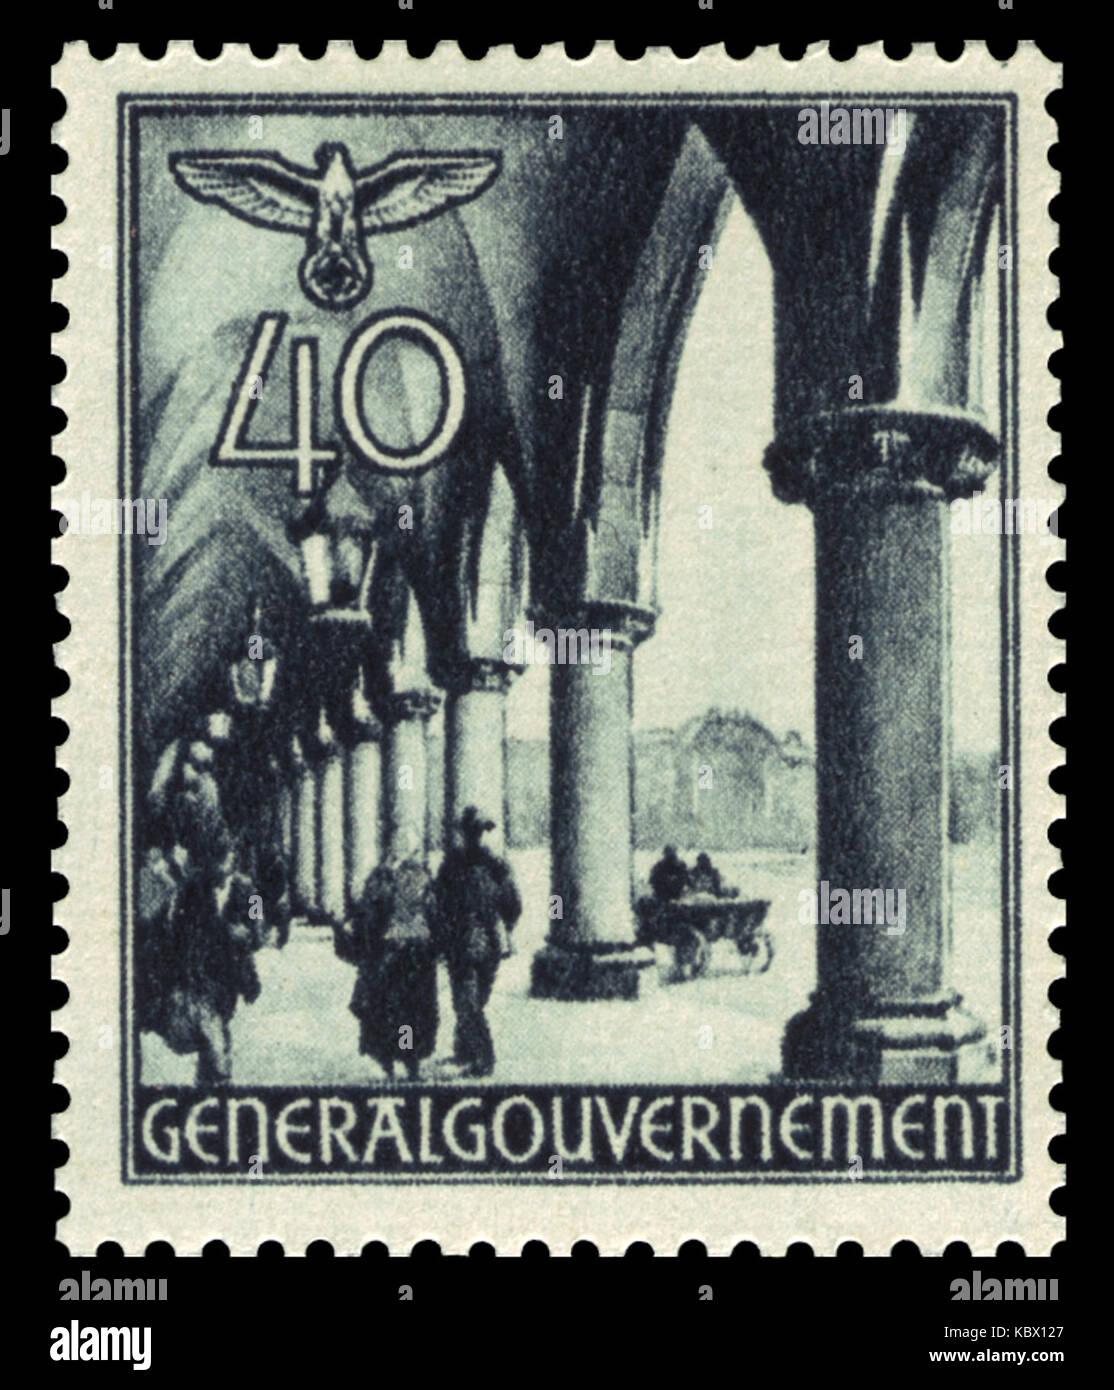 Generalgouvernement 1940 47 Arkaden der Krakauer Tuchhallen Stock Photo